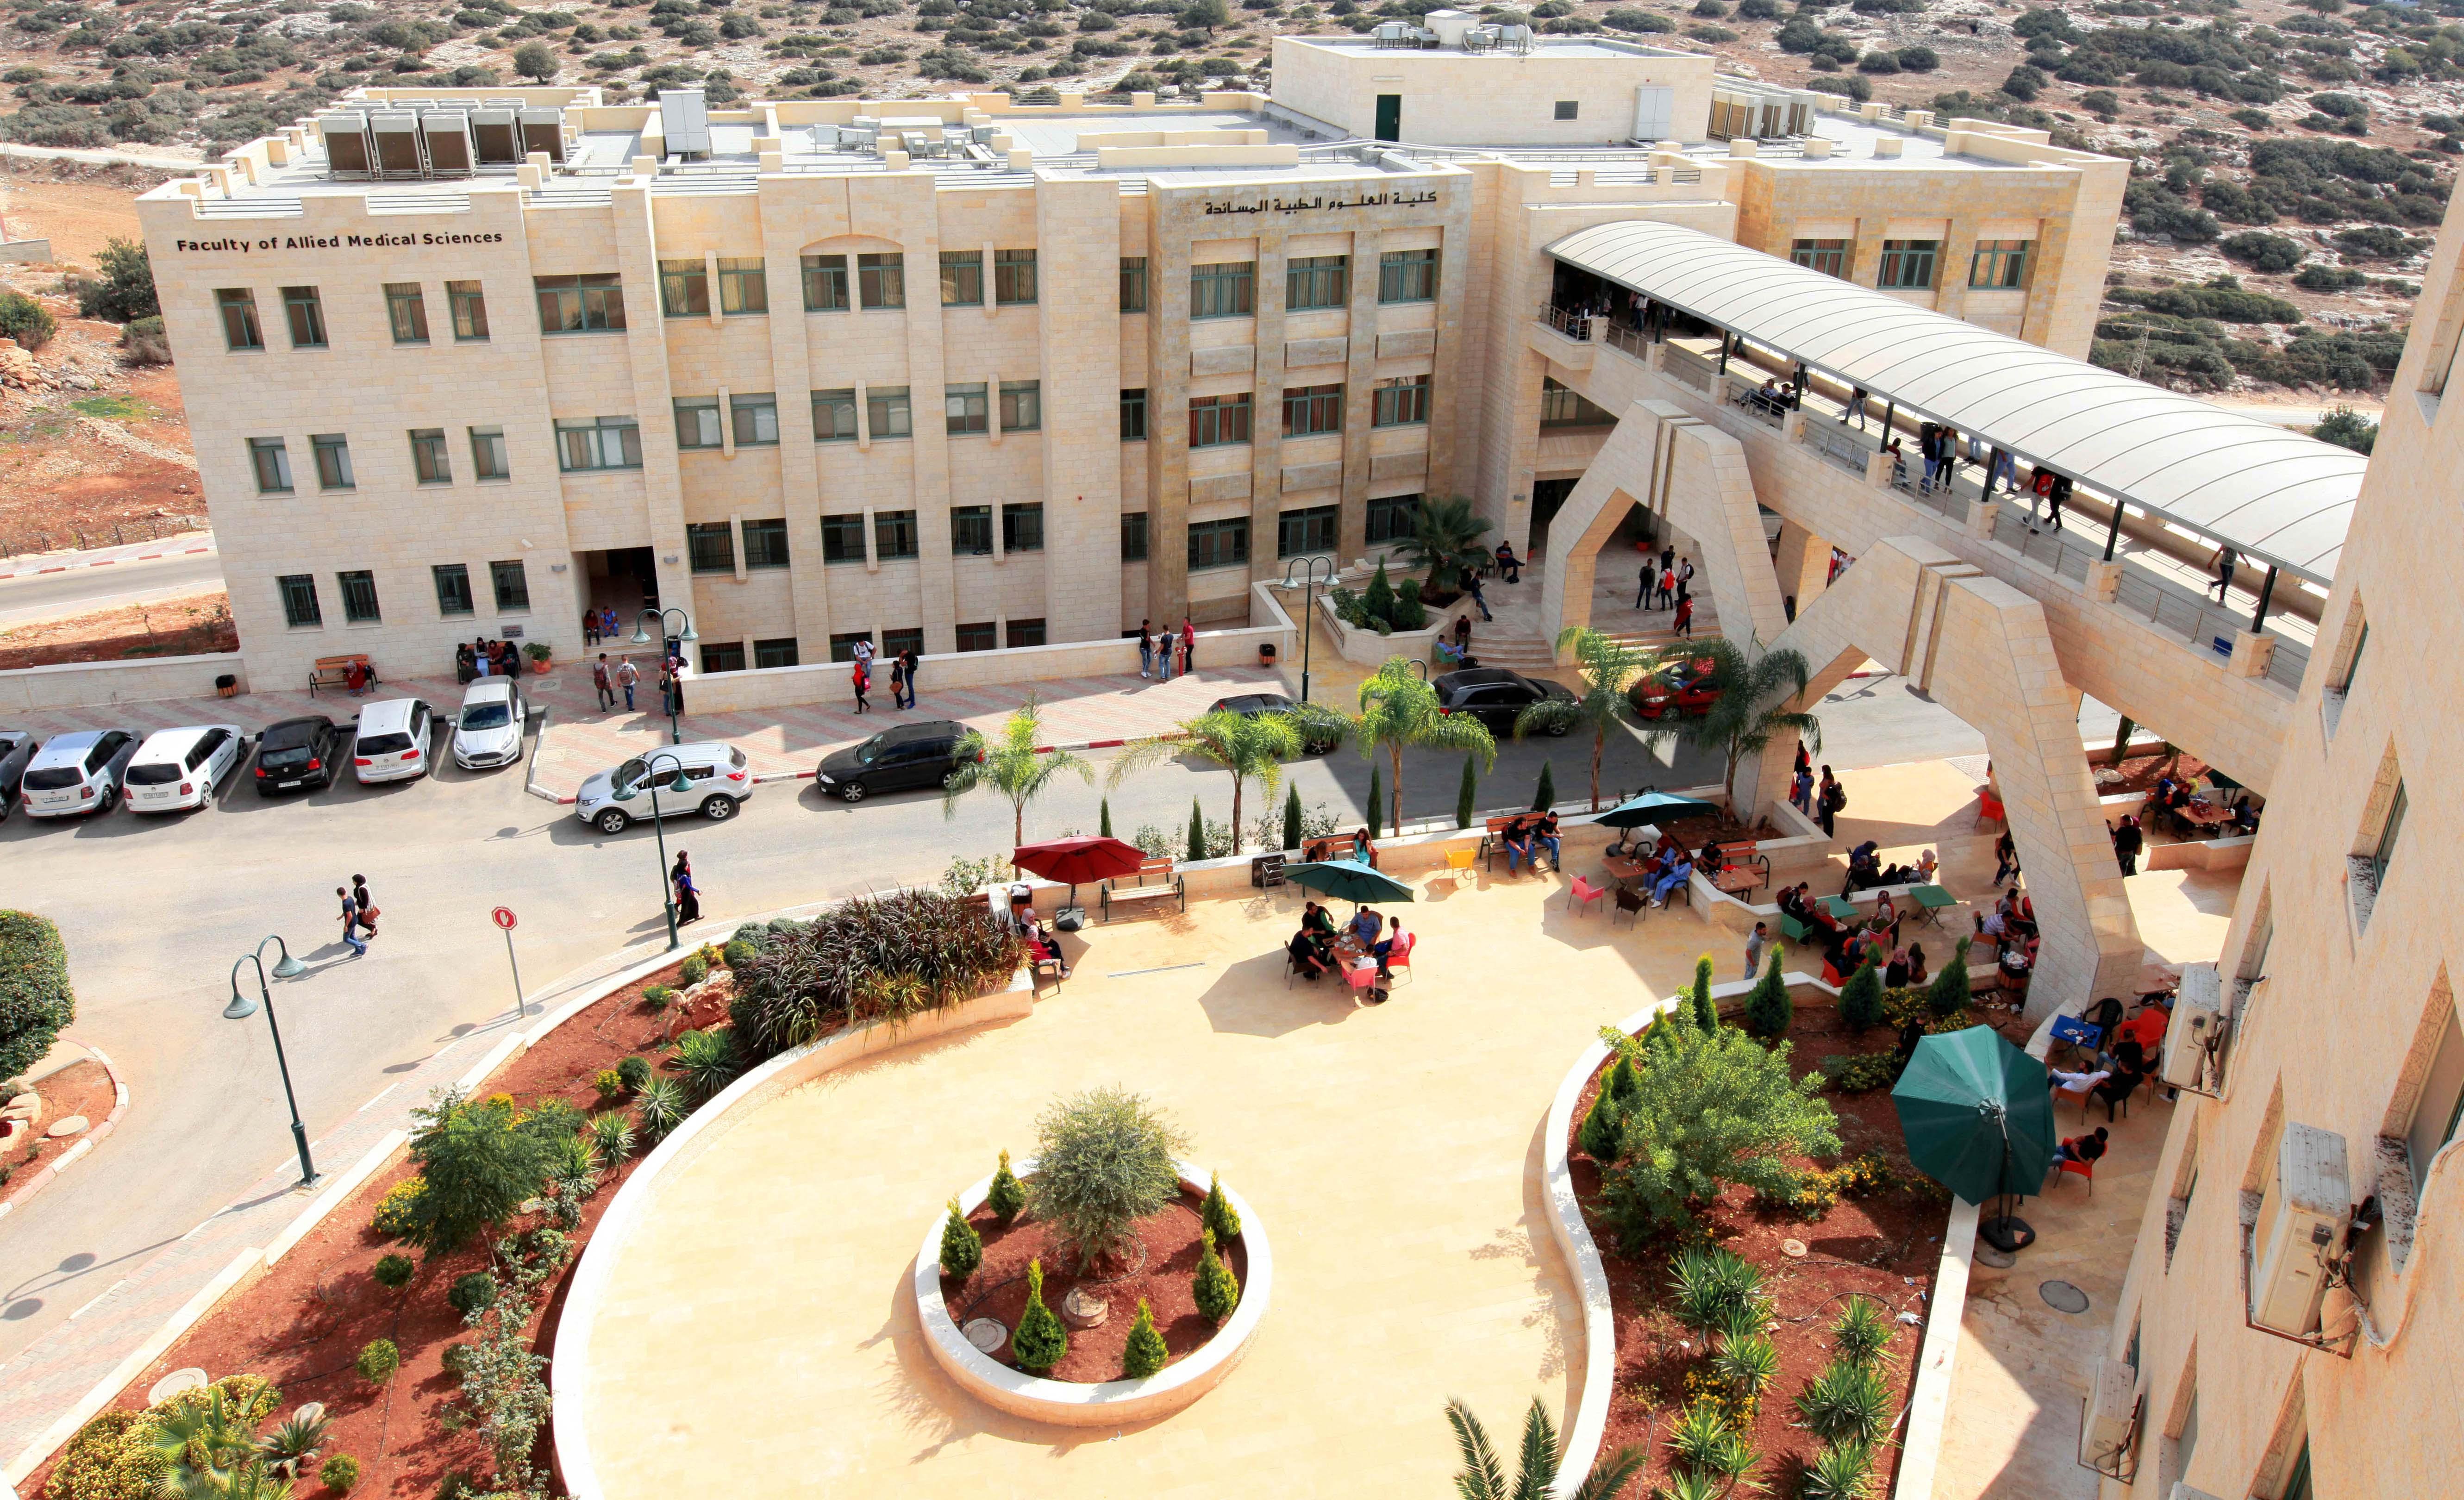 ملف كلية العلوم الطبية المساندة الجامعة العربية الأمريكية Jpg ويكيبيديا